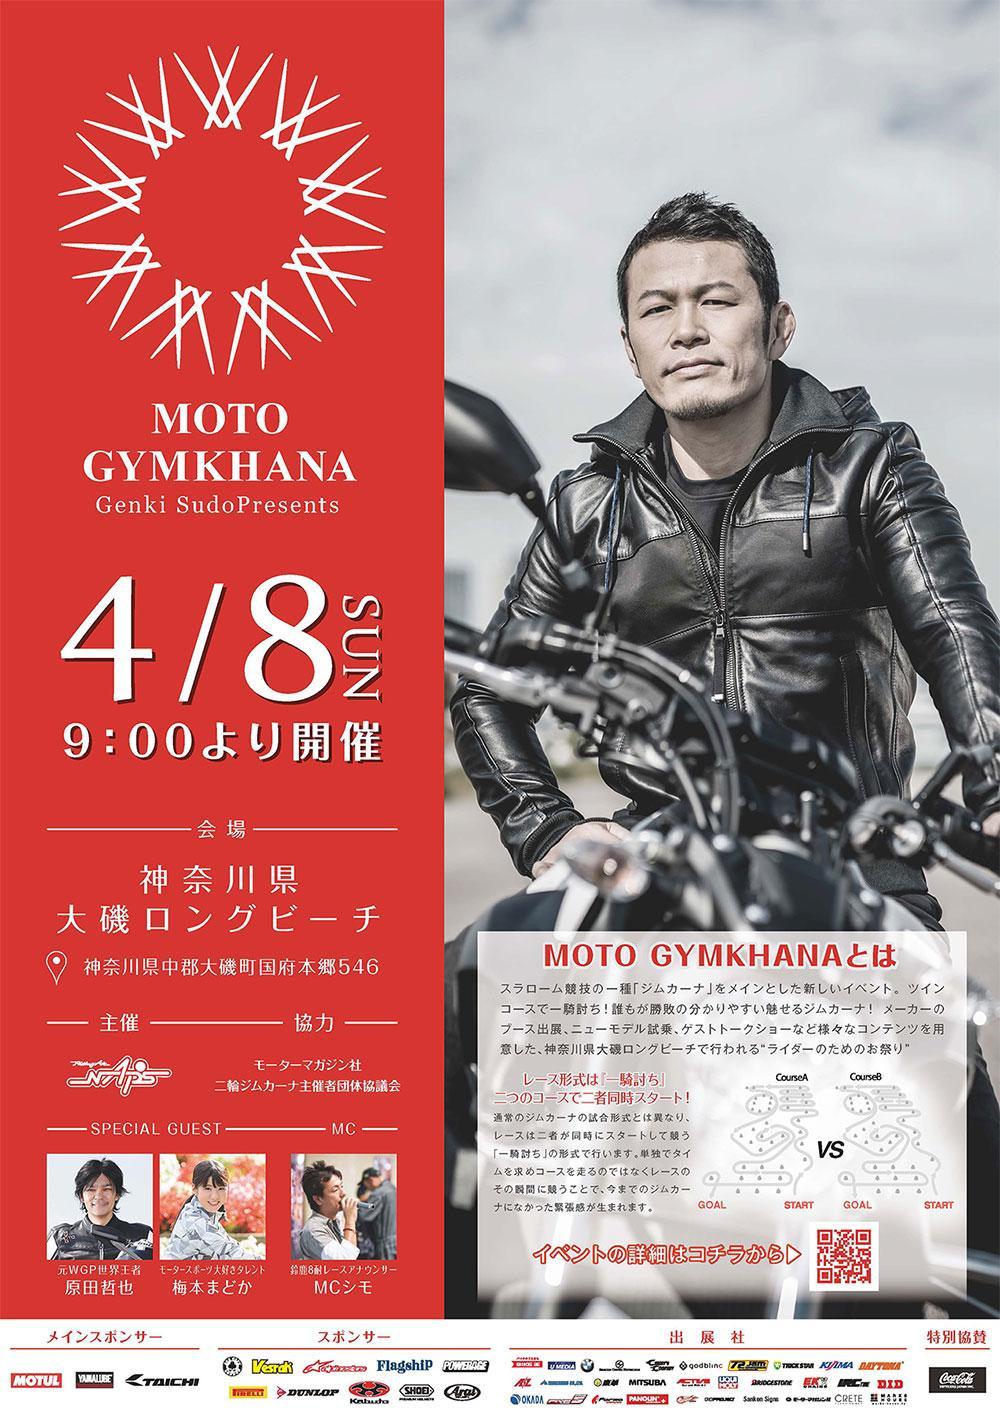 MOTO GYMKHANA (モトジムカーナ)